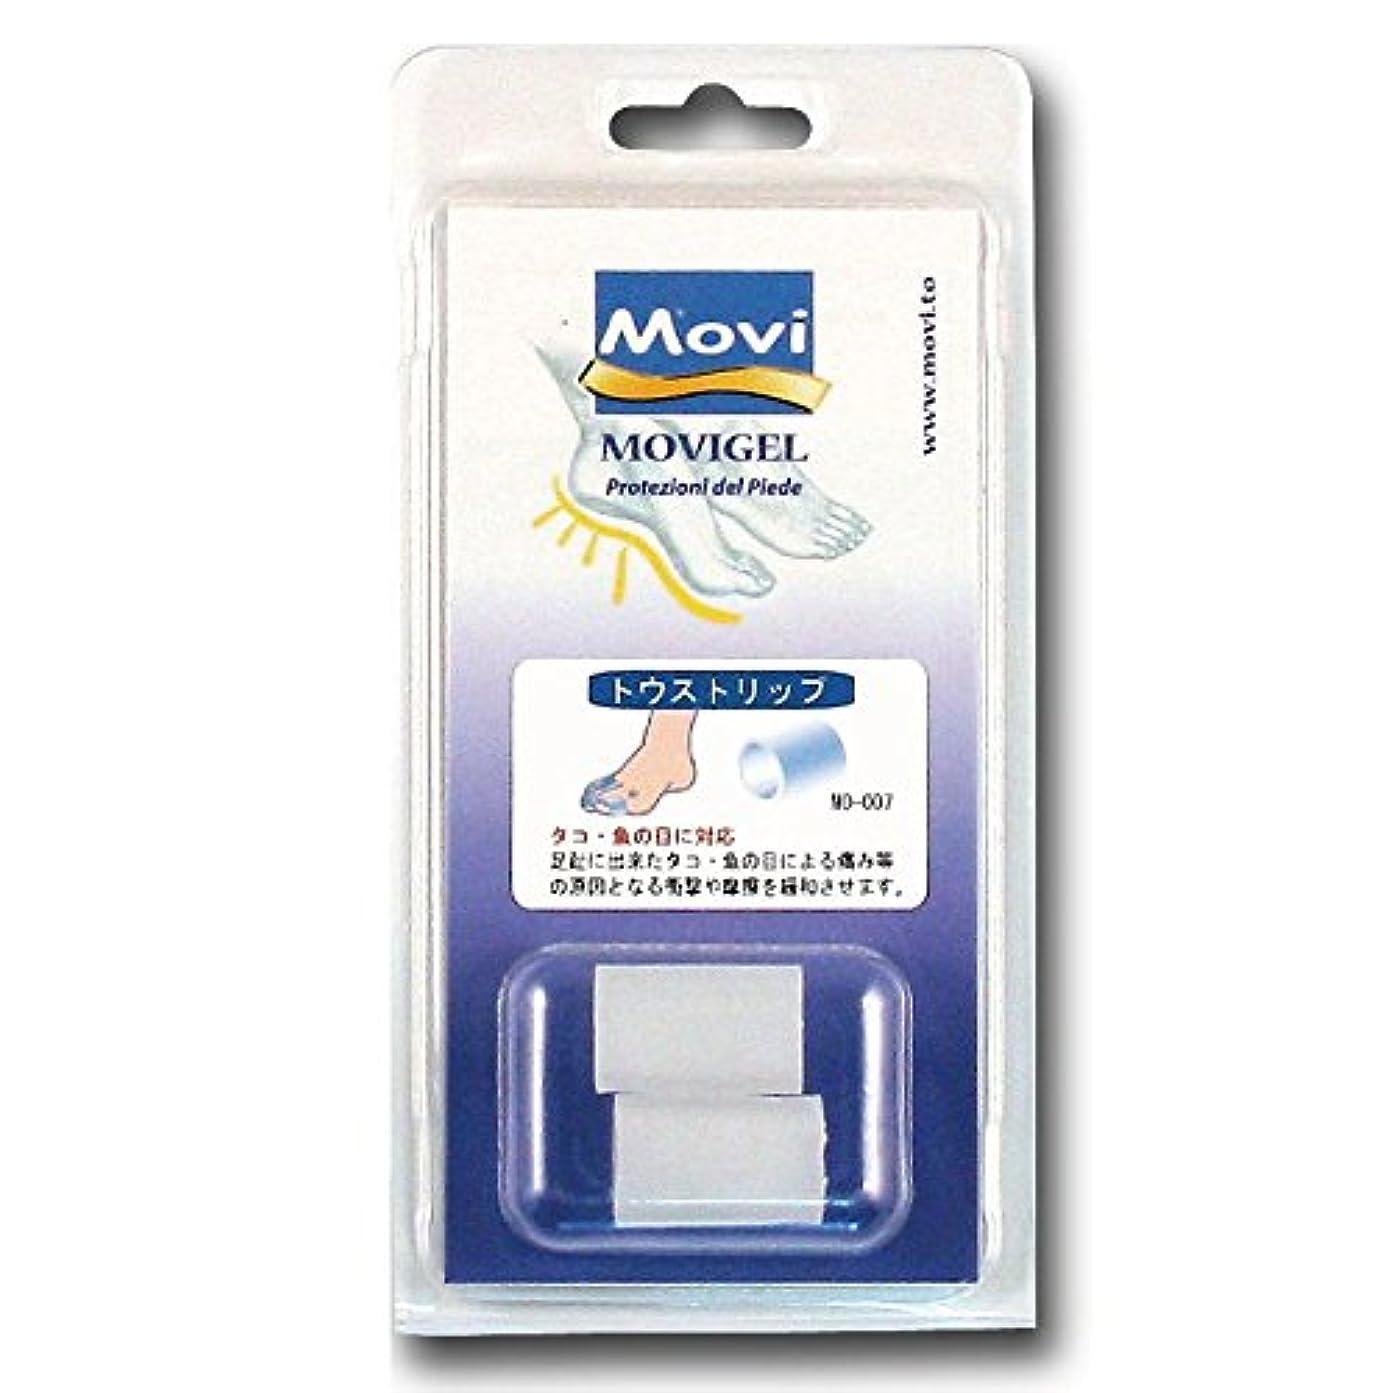 スケジュール嫌がる日付MOVI トゥストリップ MO-007